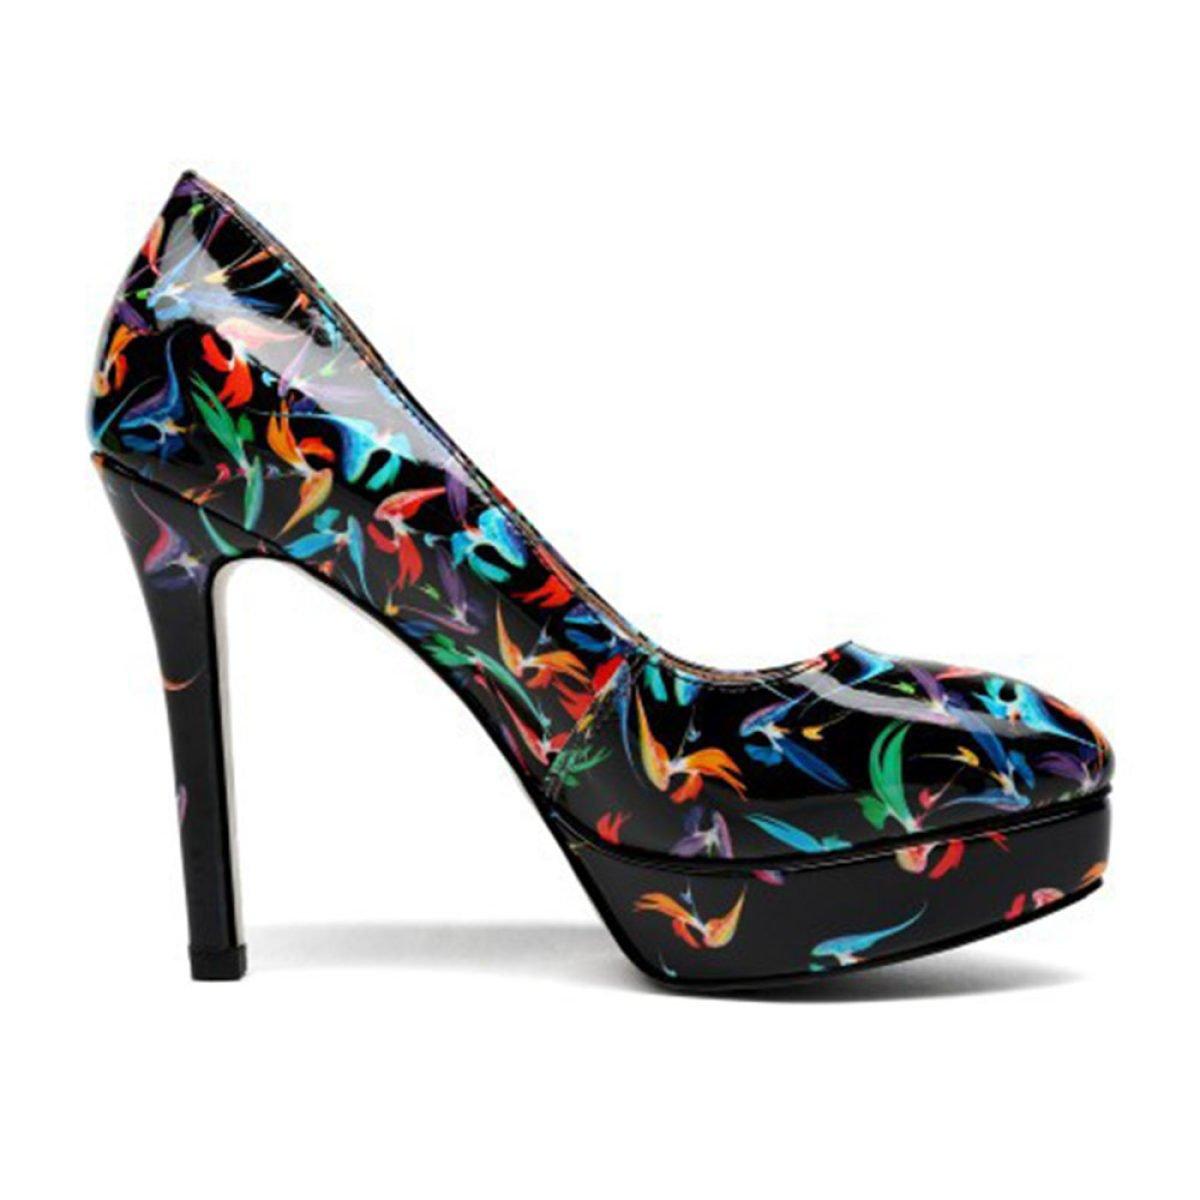 Frauen Round Toe Shallow Printing Schuhe Mit High High High Heels Fashion Court Schuhe Pumpe Stiletto Heel Sexy Party Hochzeit Kleid Schuhe b44d46